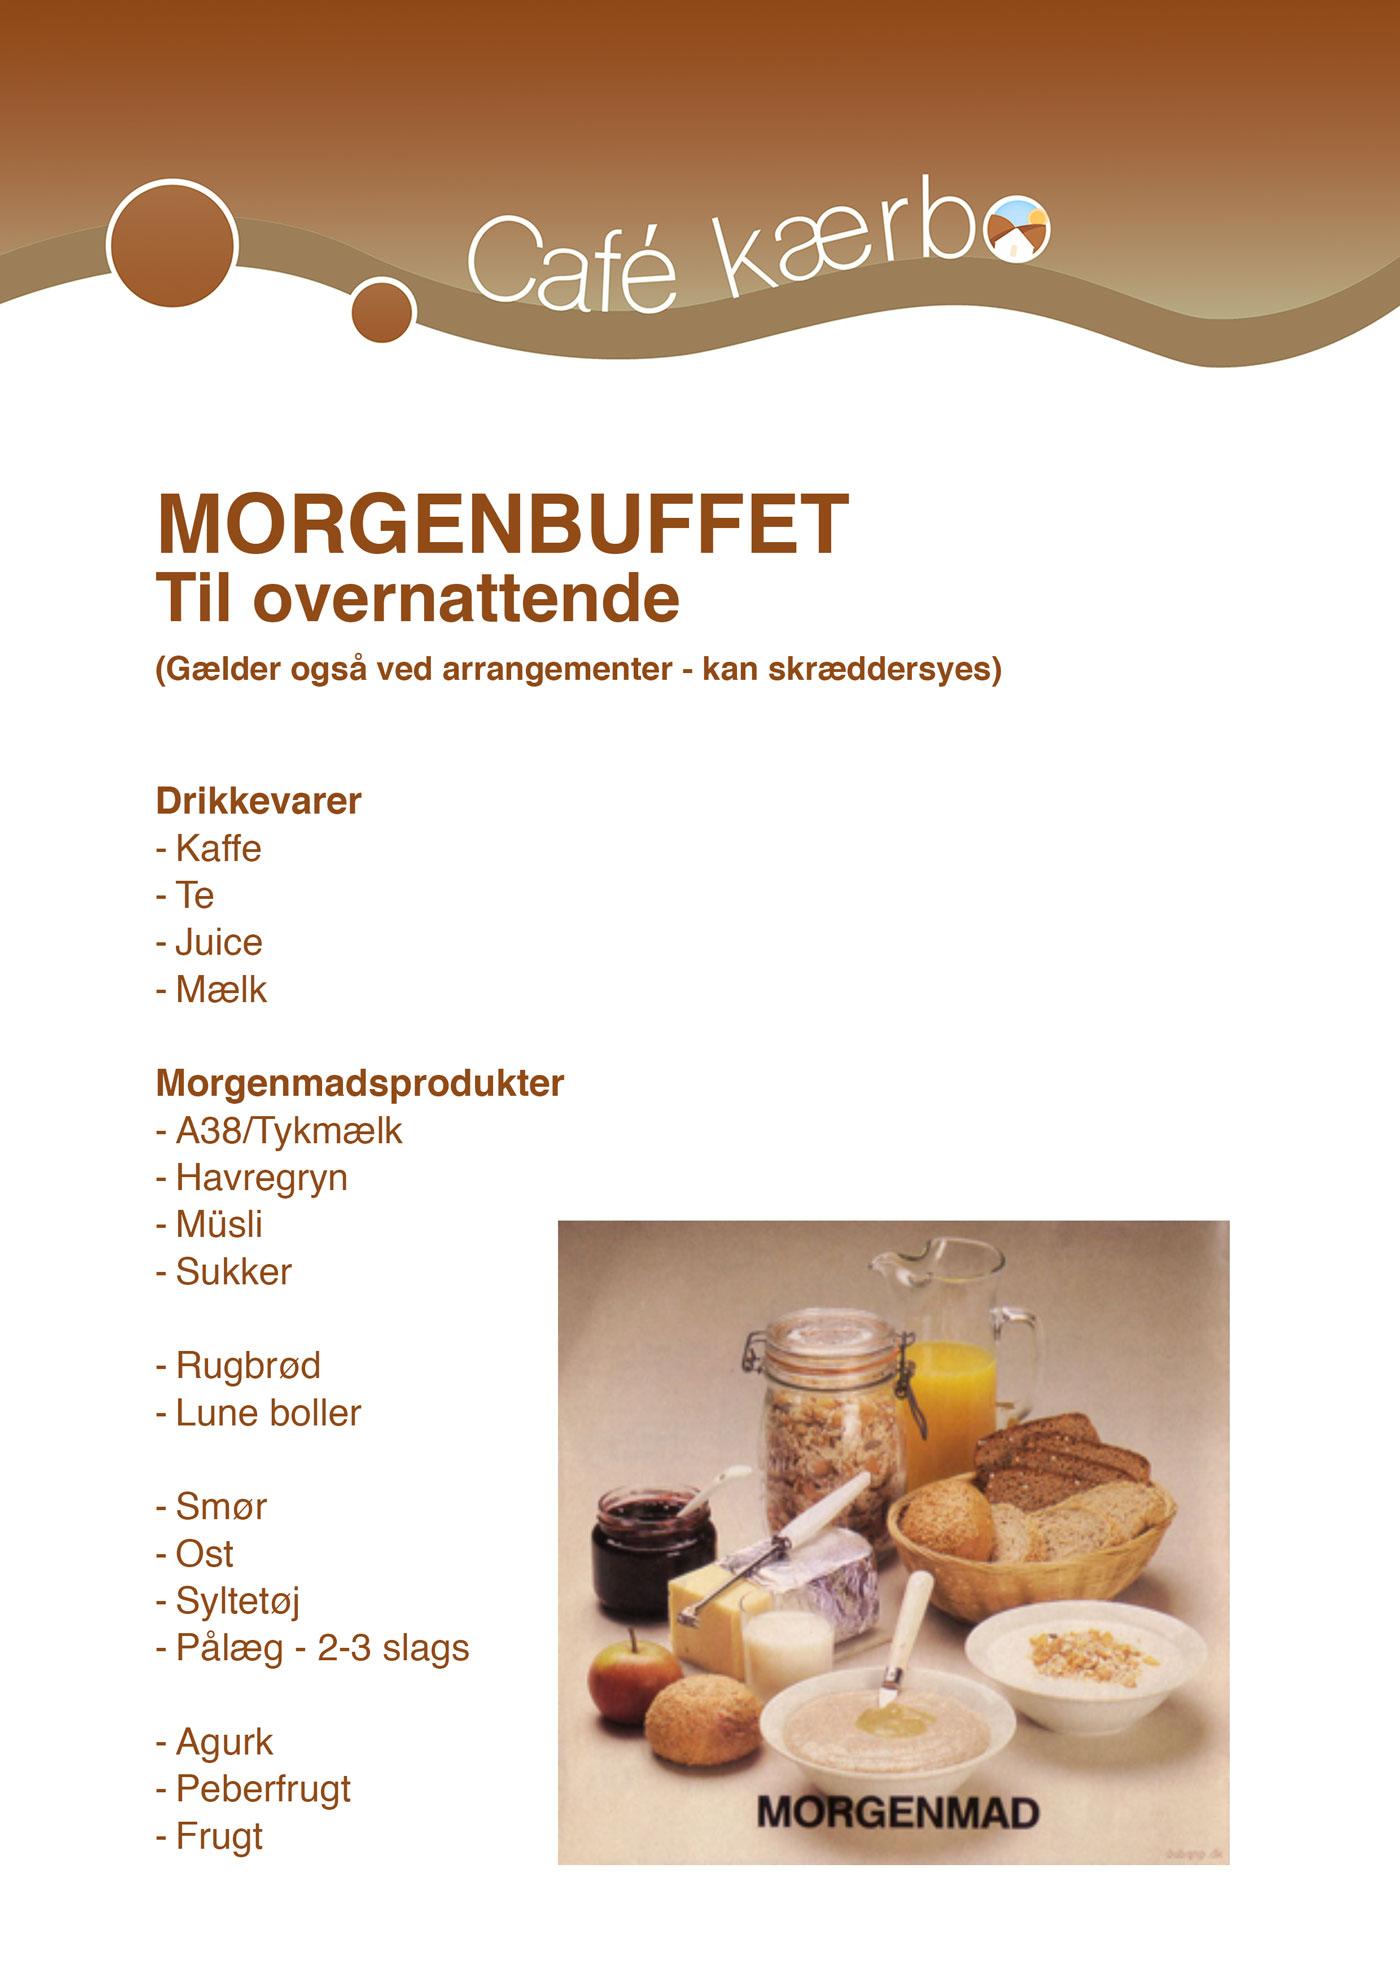 Billede af morgenbuffet-kort